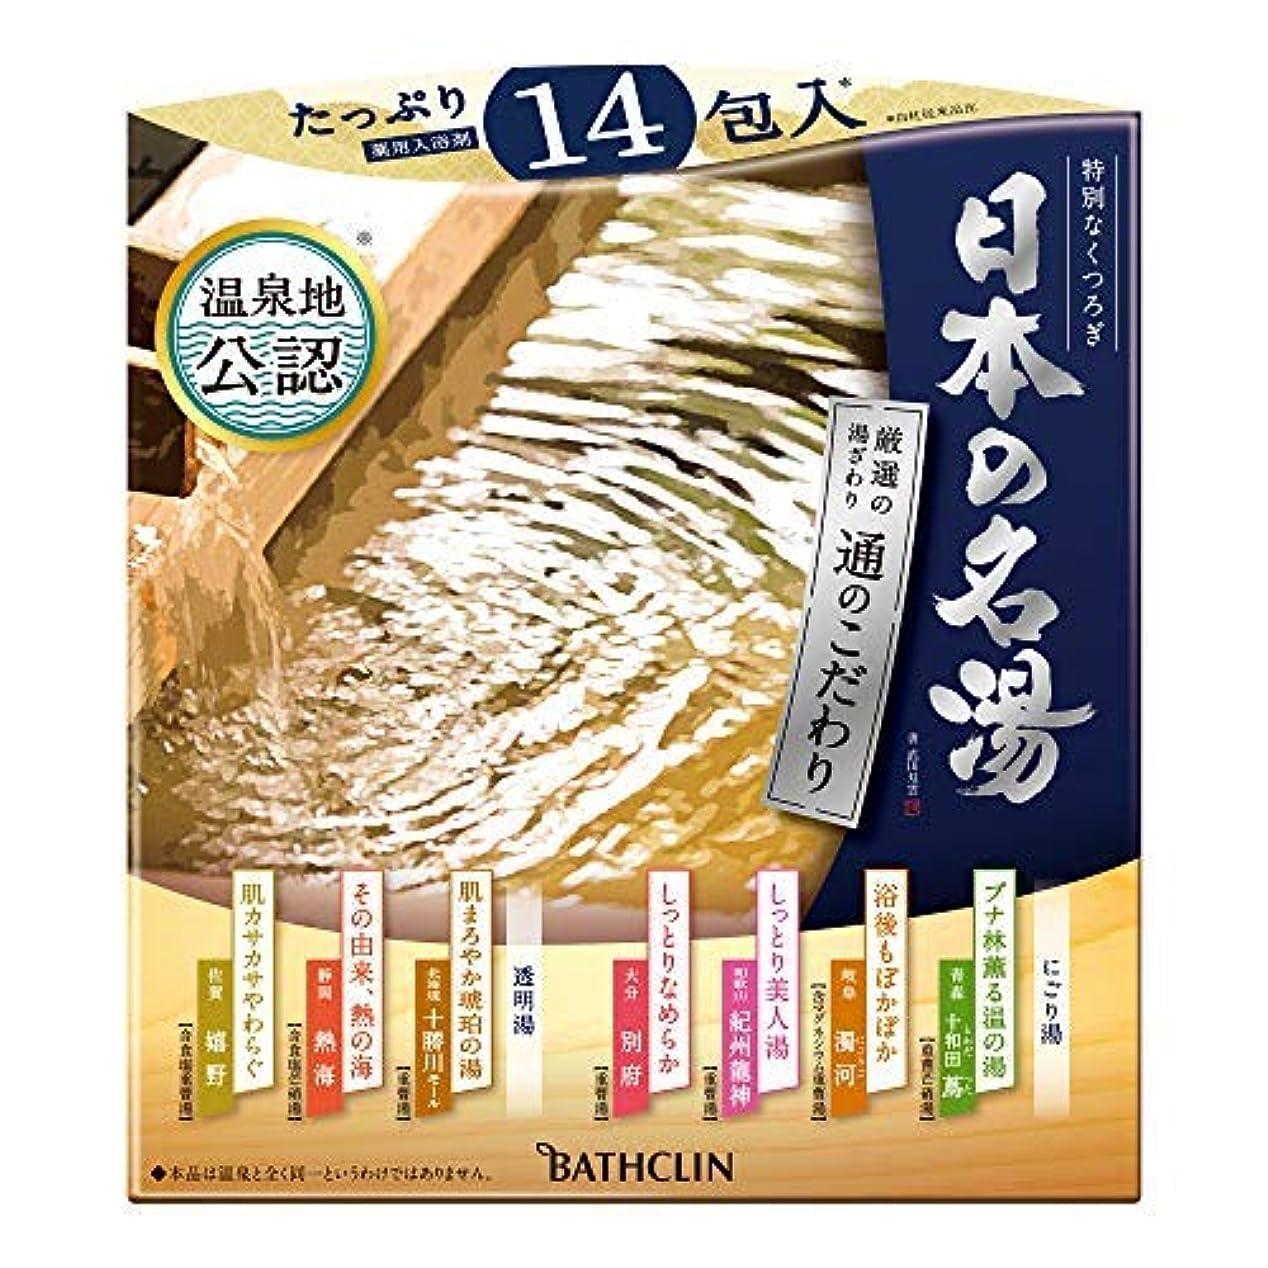 無声で歩行者ひも日本の名湯 通のこだわり 30g×14包 × 15個セット